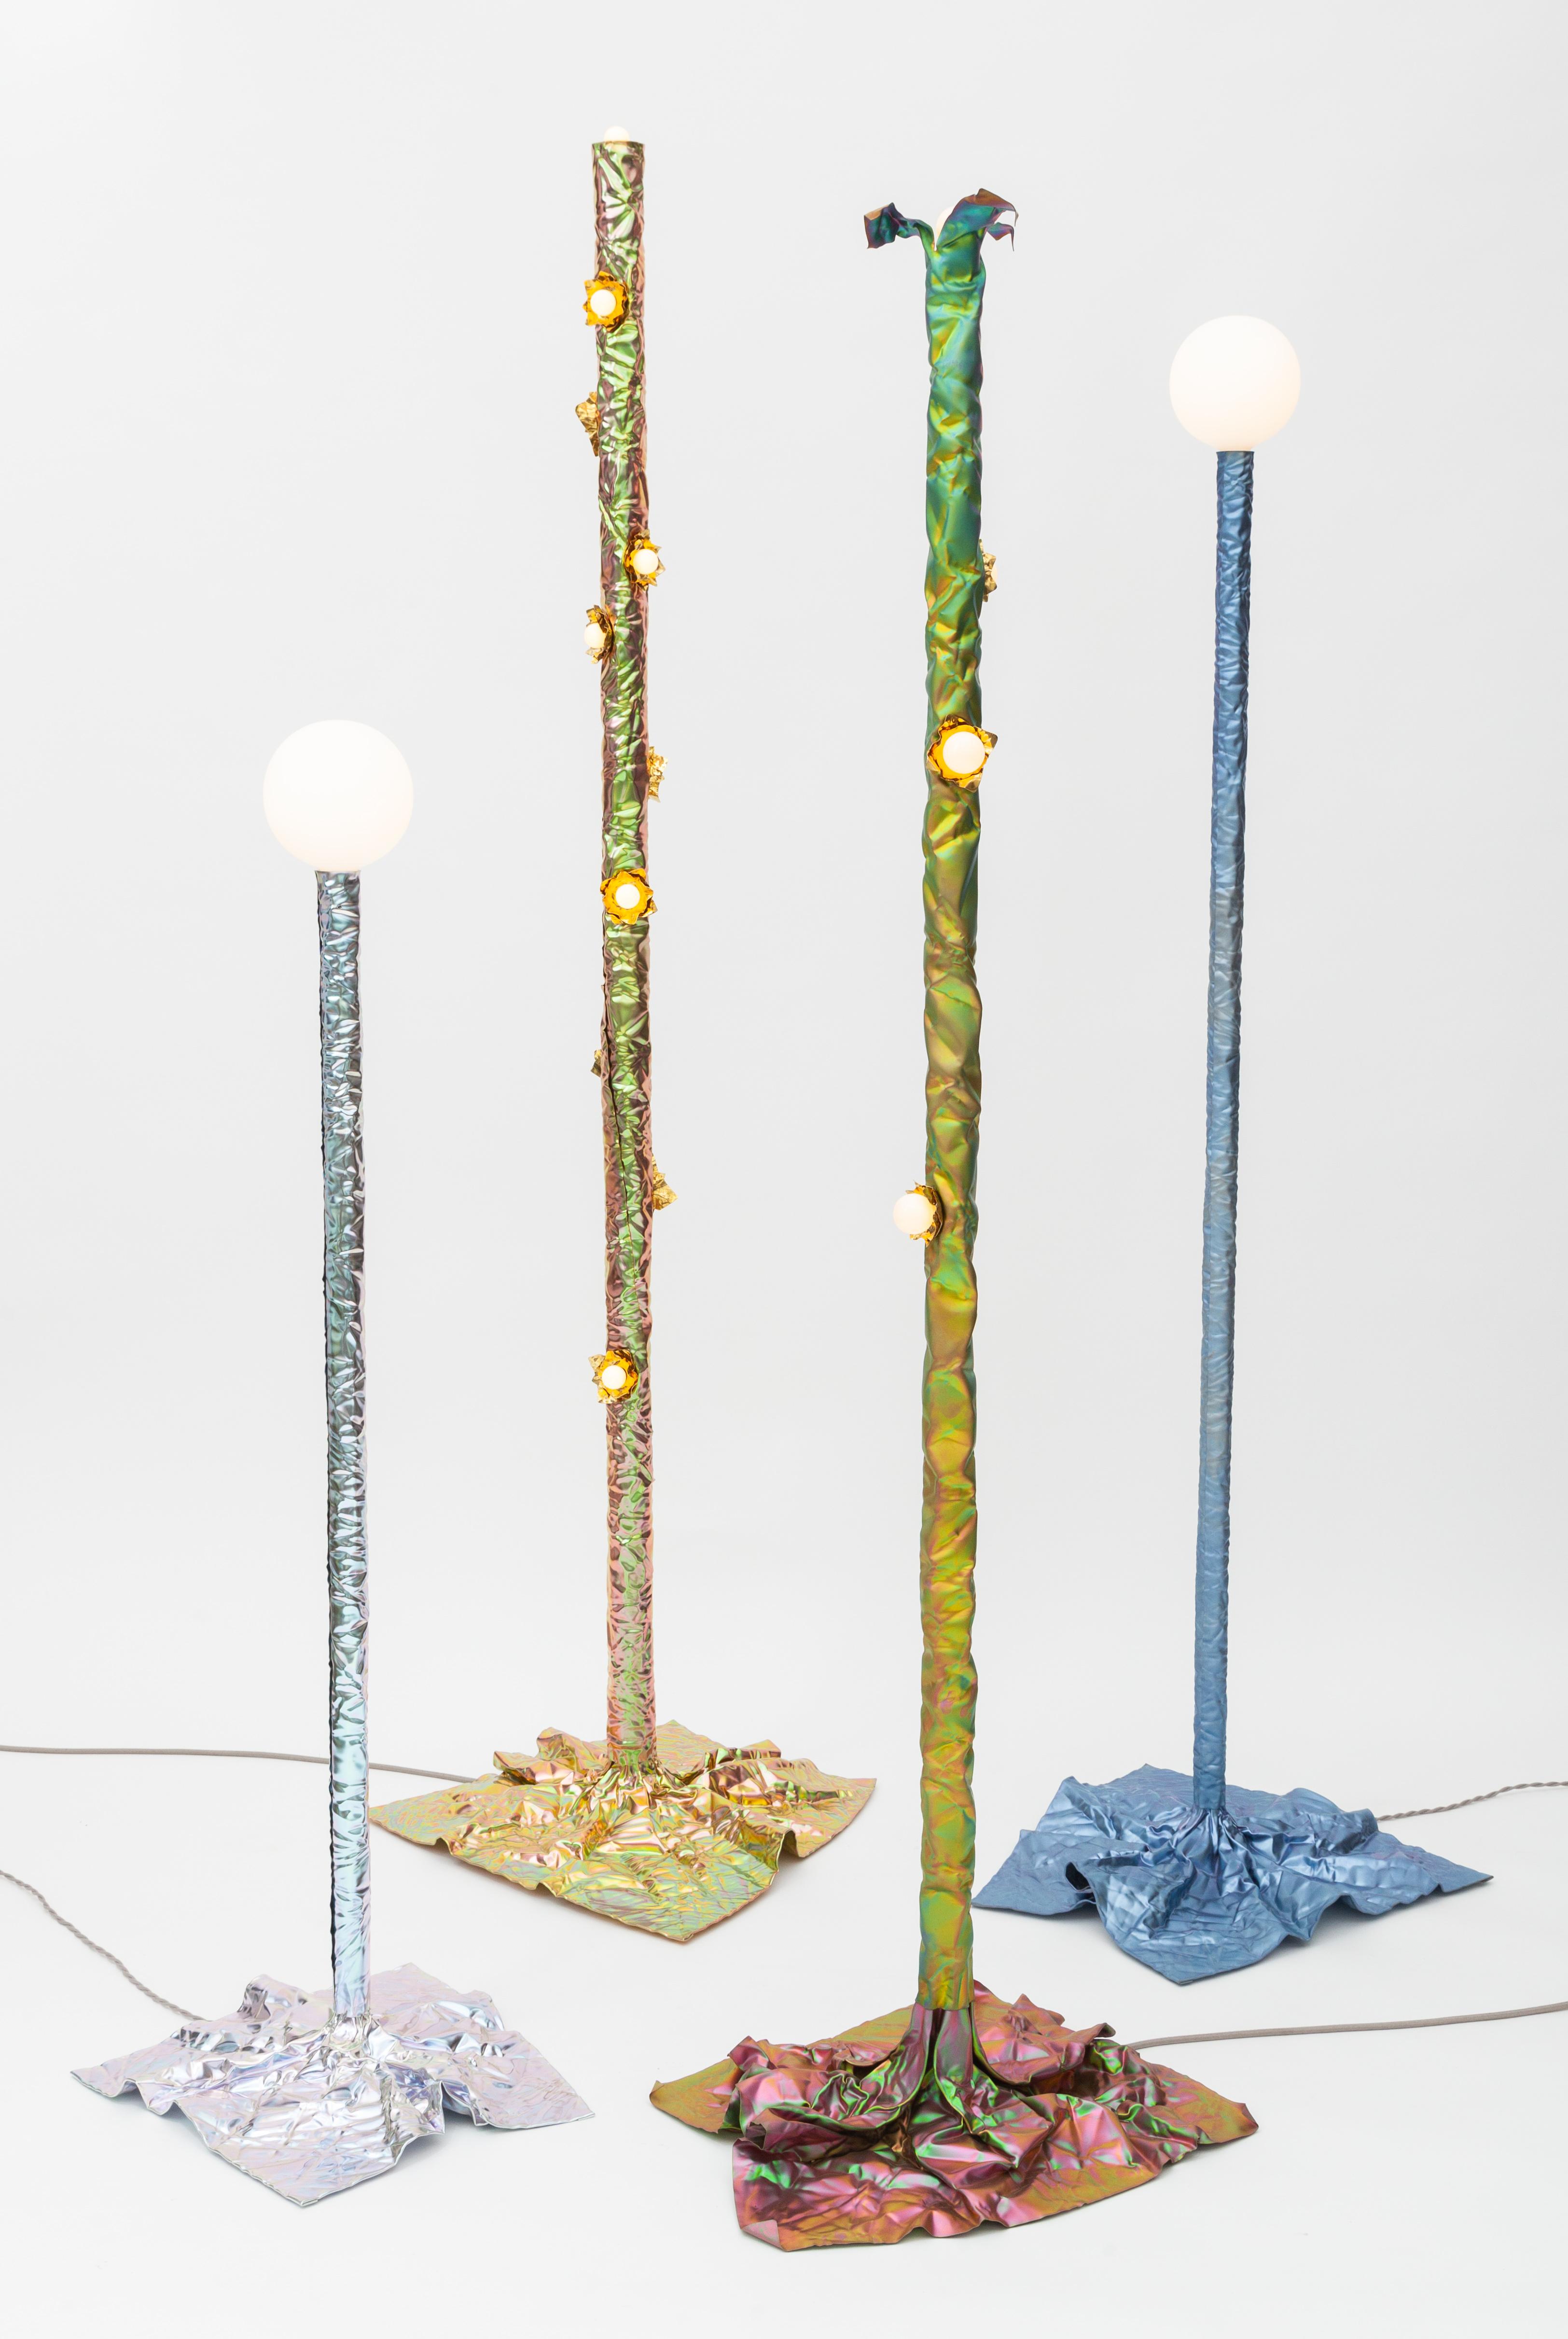 floor lamps_process